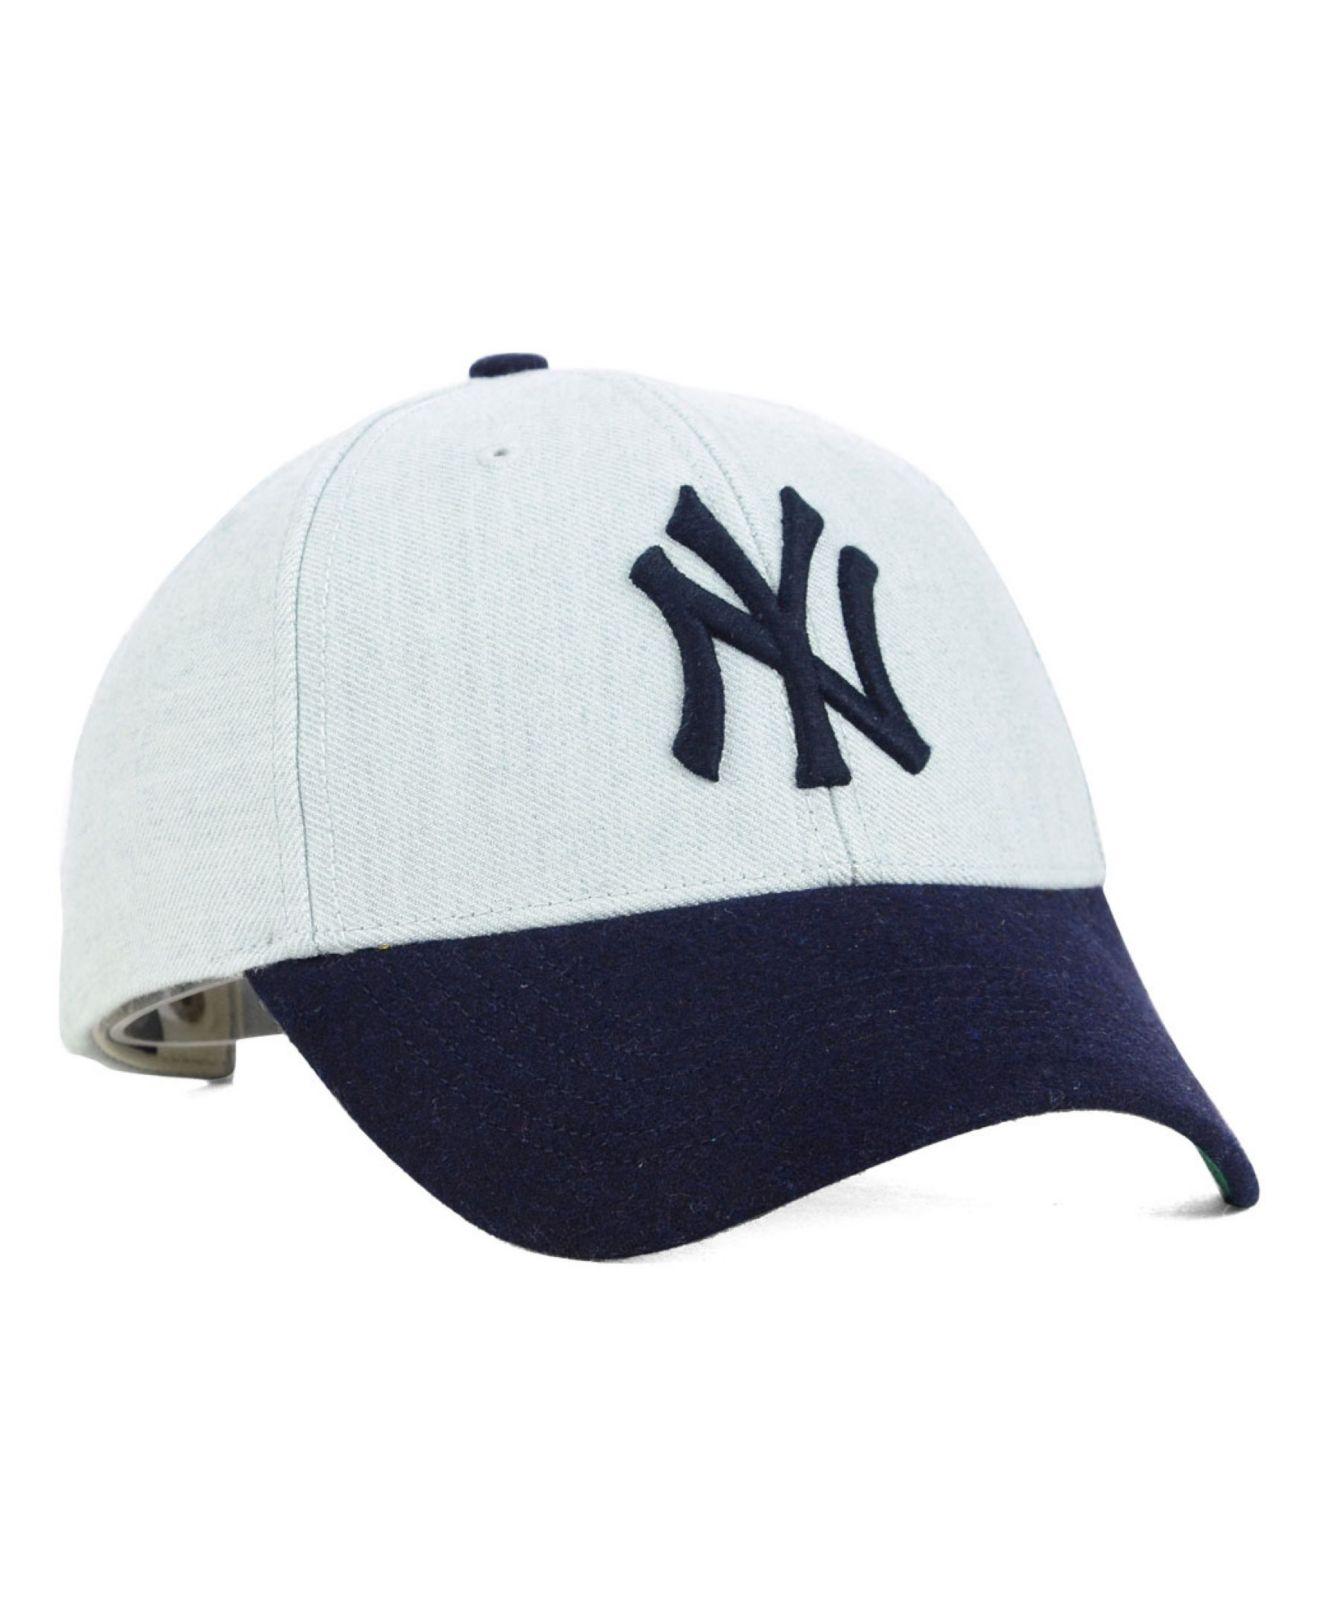 Lyst - 47 Brand New York Yankees Munson Mvp Cap in Gray for Men 4592e2ef93ac4